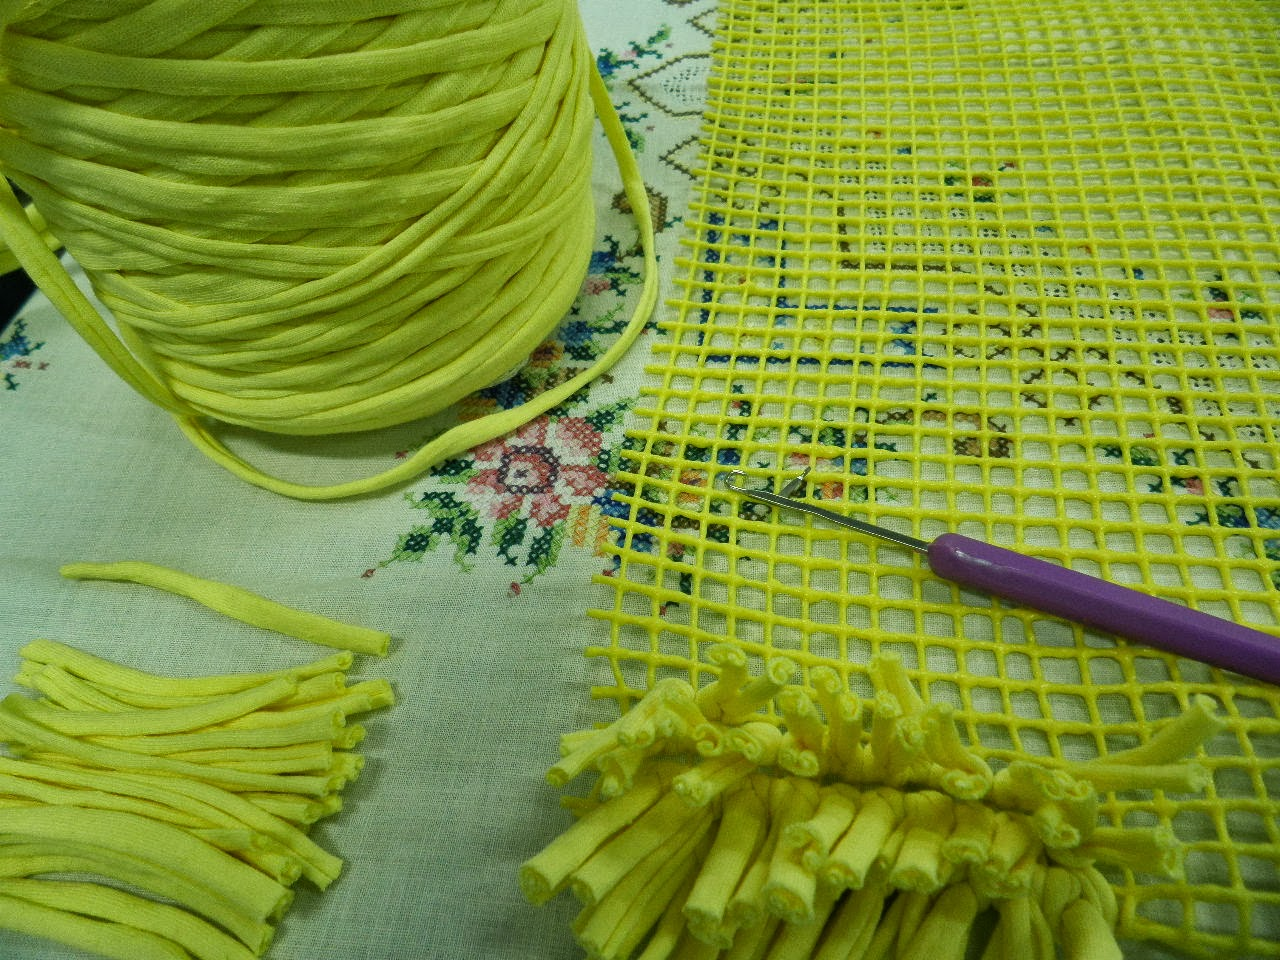 Artes anas alfombra de trapillo con nudo a mano o con aguja - Alfombras hechas a mano con lana ...